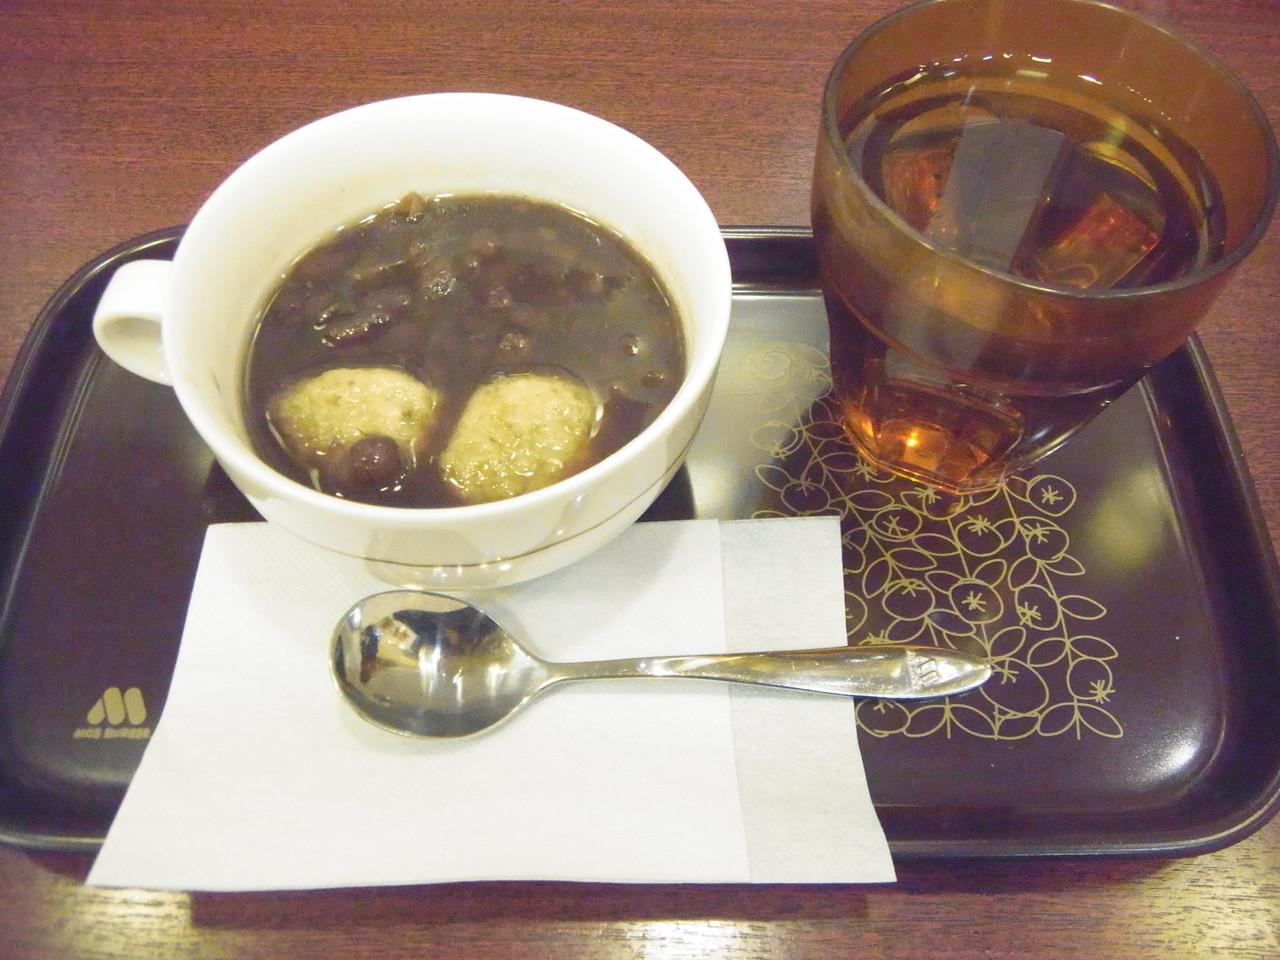 東久留米 - モスバーガー 東久留米駅店 「玄米餅のおしるこ ¥320(税込)」